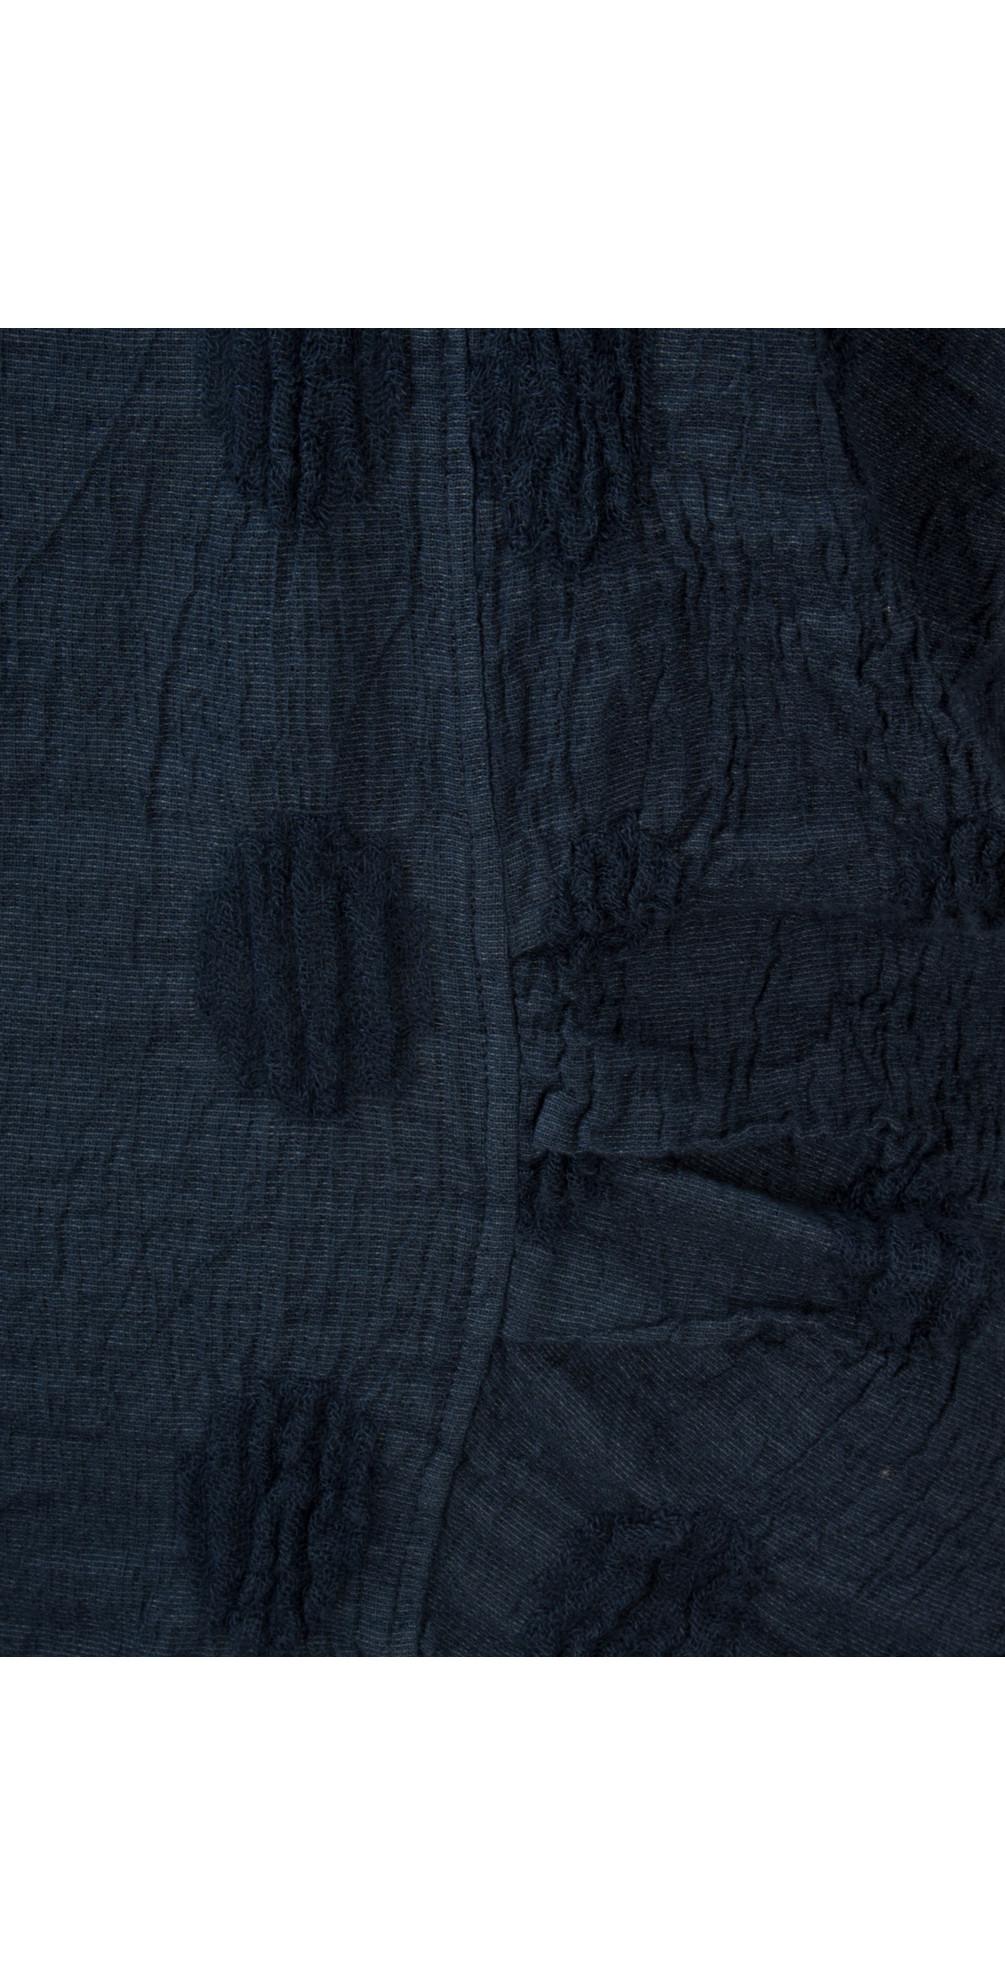 Linen Spot Short Sleeve Top main image